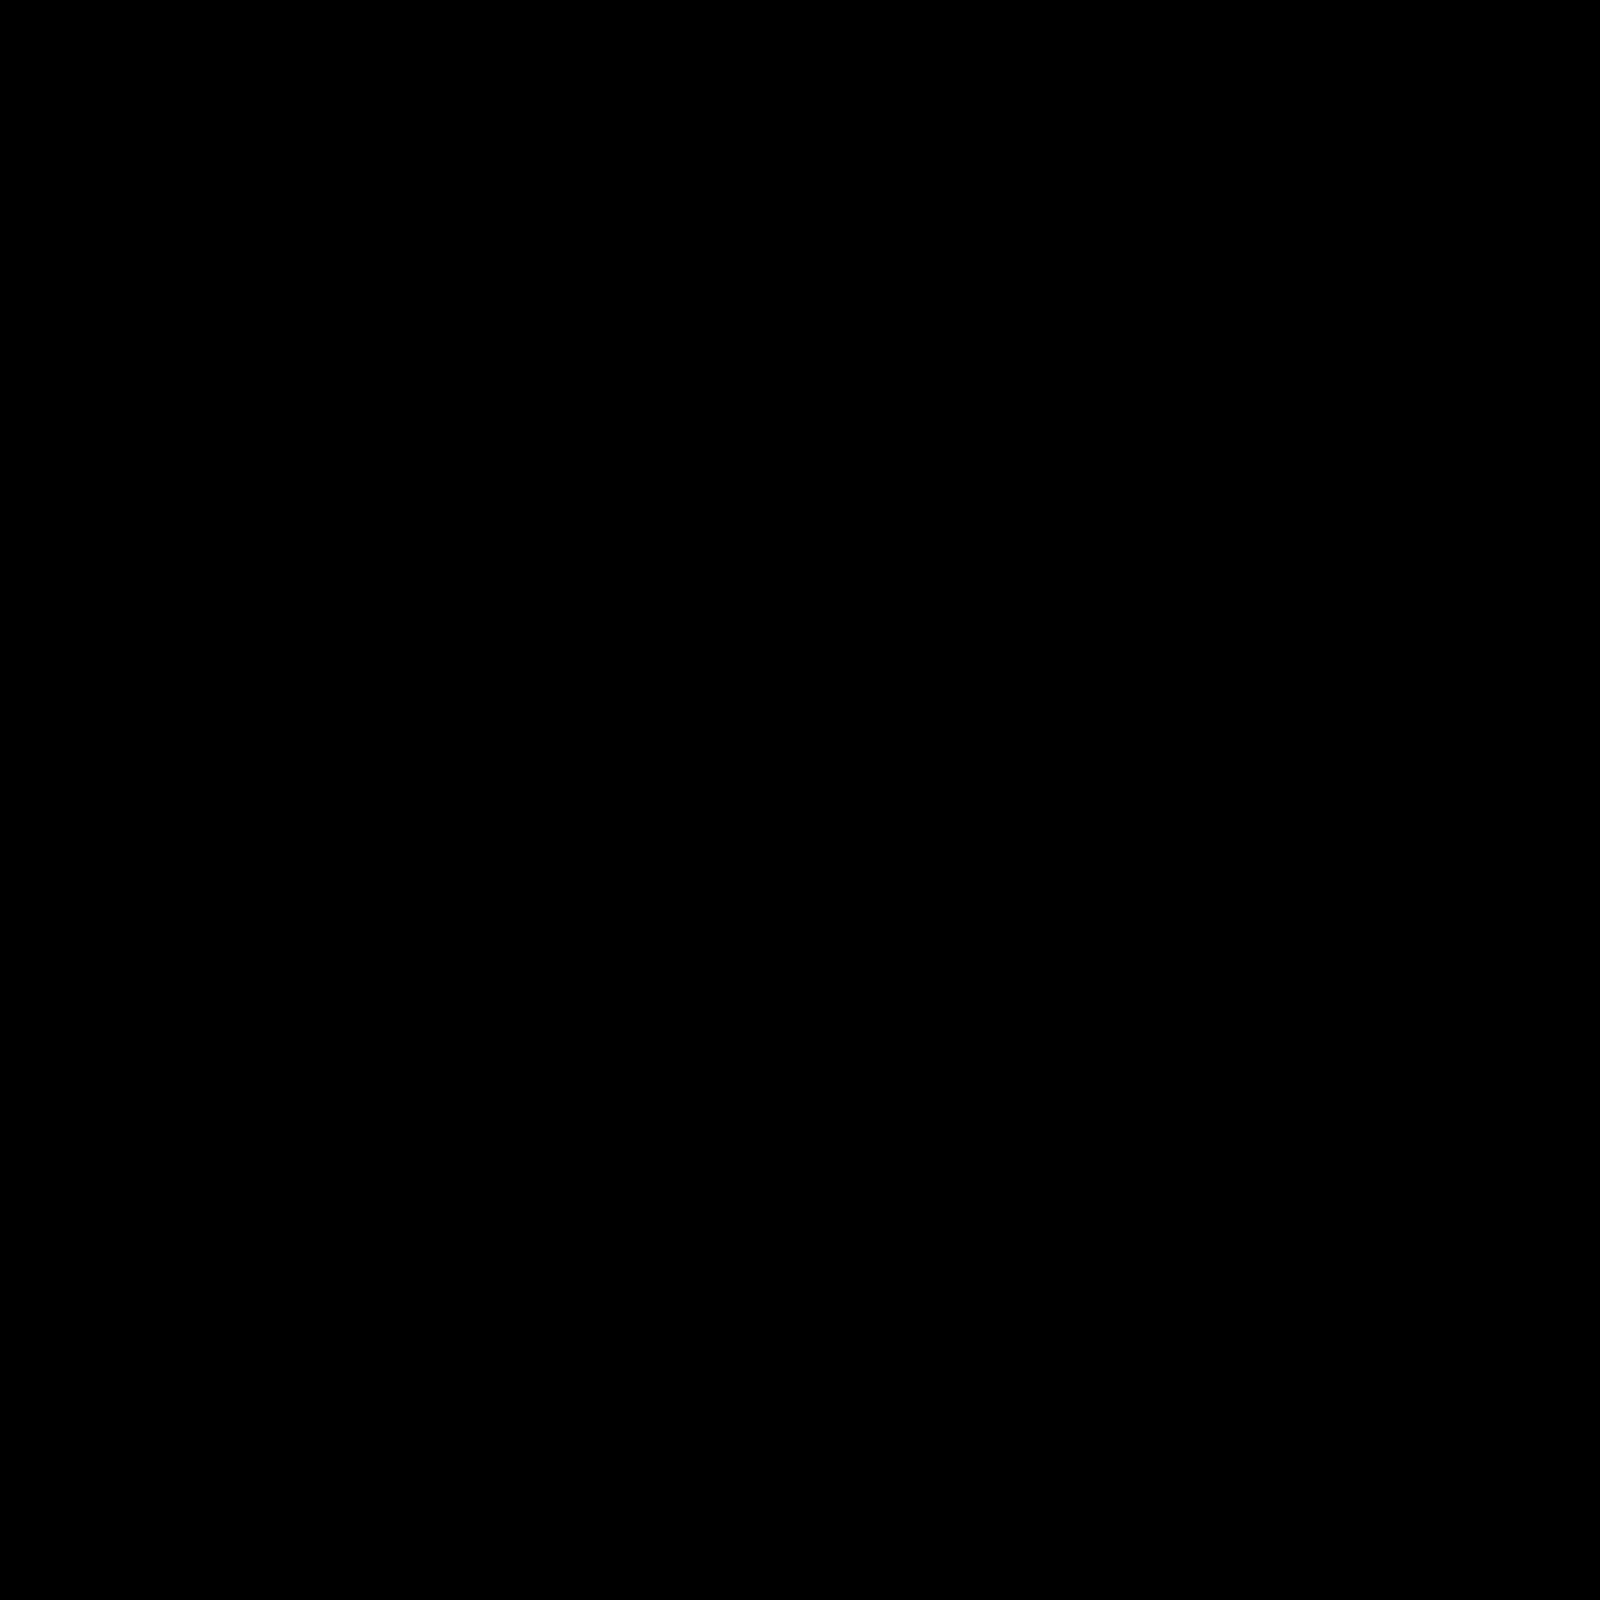 事件暂时接受 icon. This is a picture of a calendar with a star in the middle of it. on the bottom right hand corner is a clock or watch's face. the time showing on it is 4 o'clock.